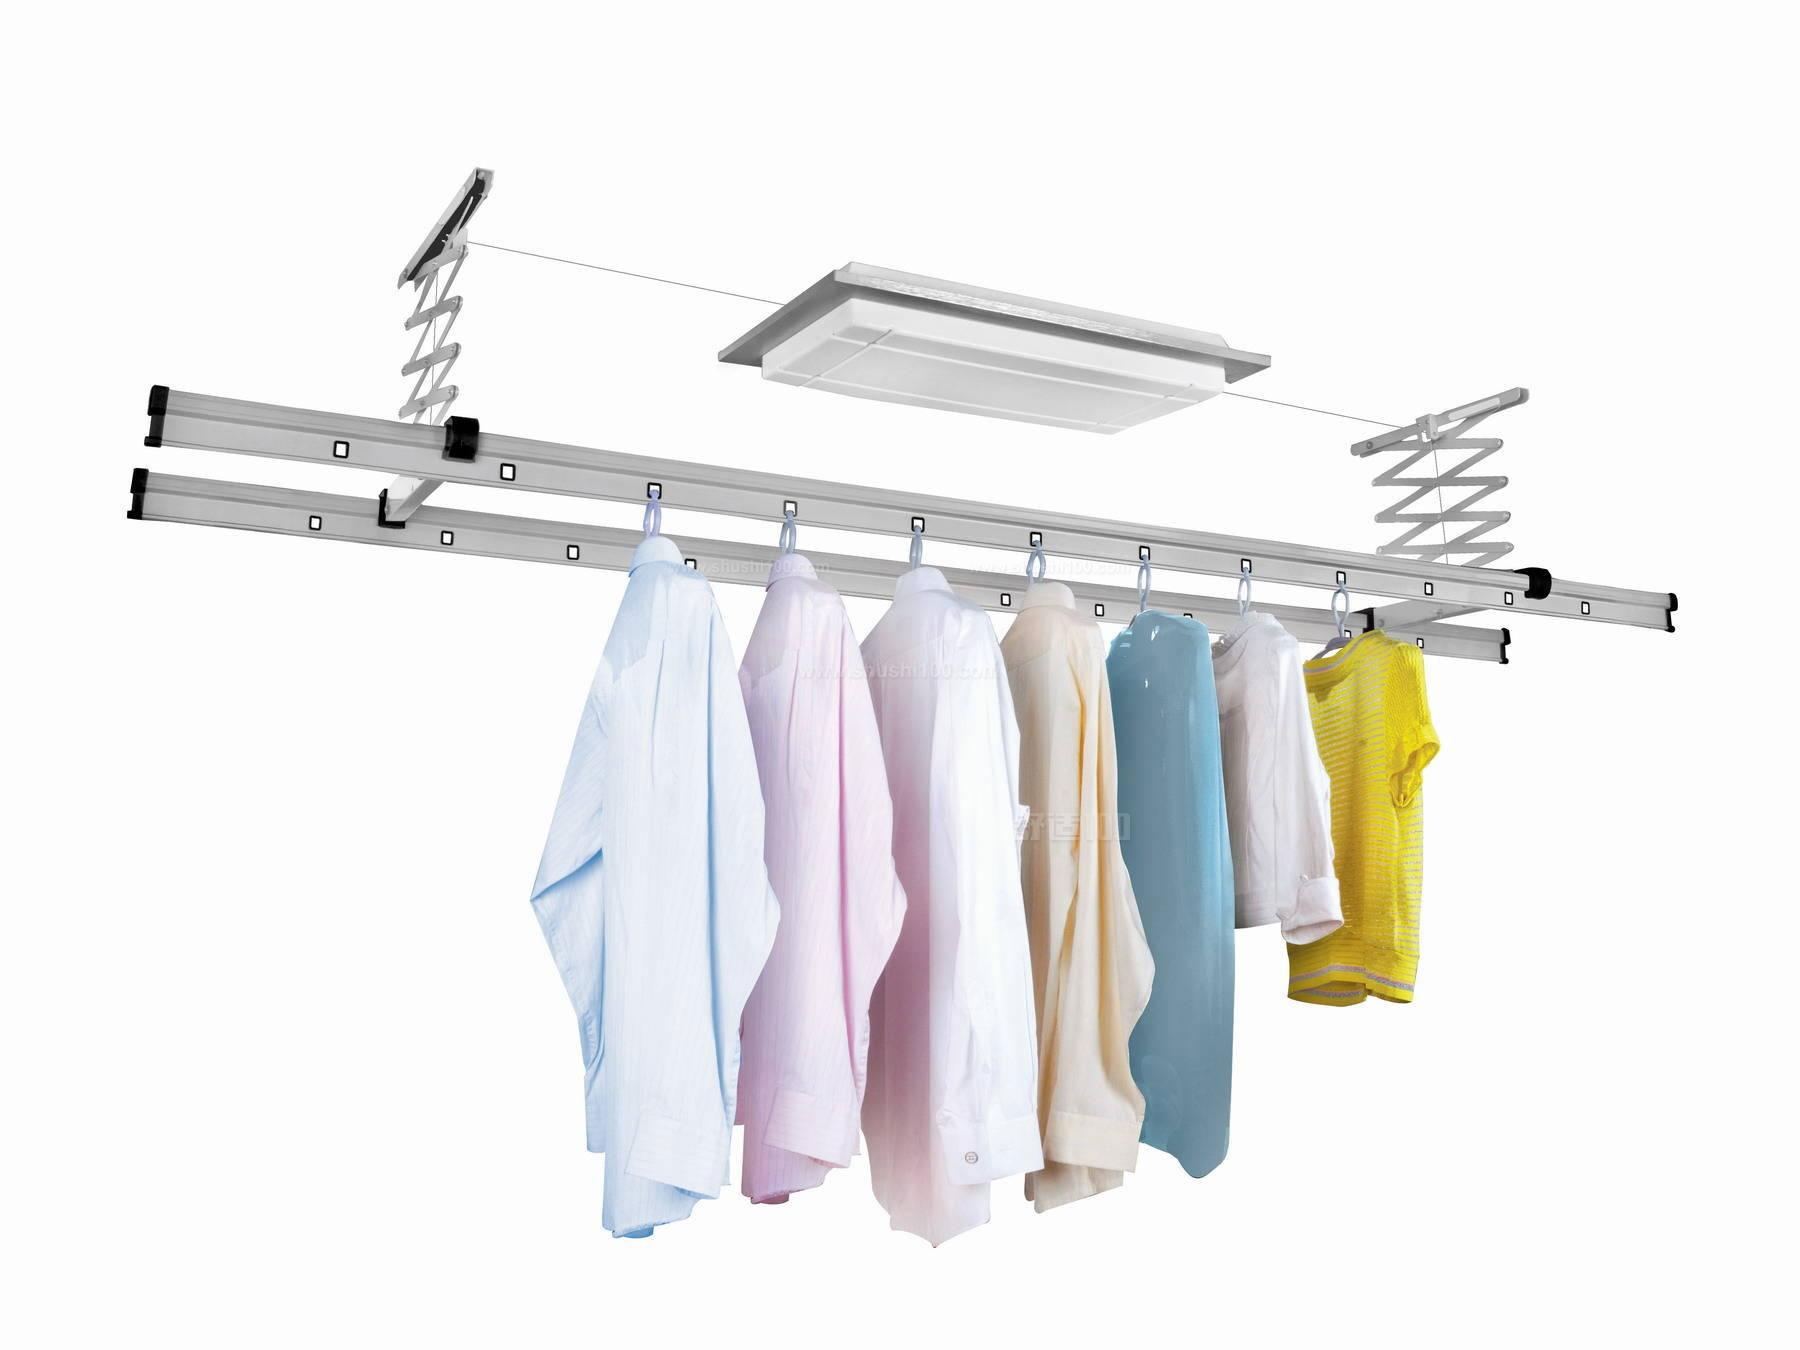 阳台吊顶晾衣架有哪几种?如何选购?